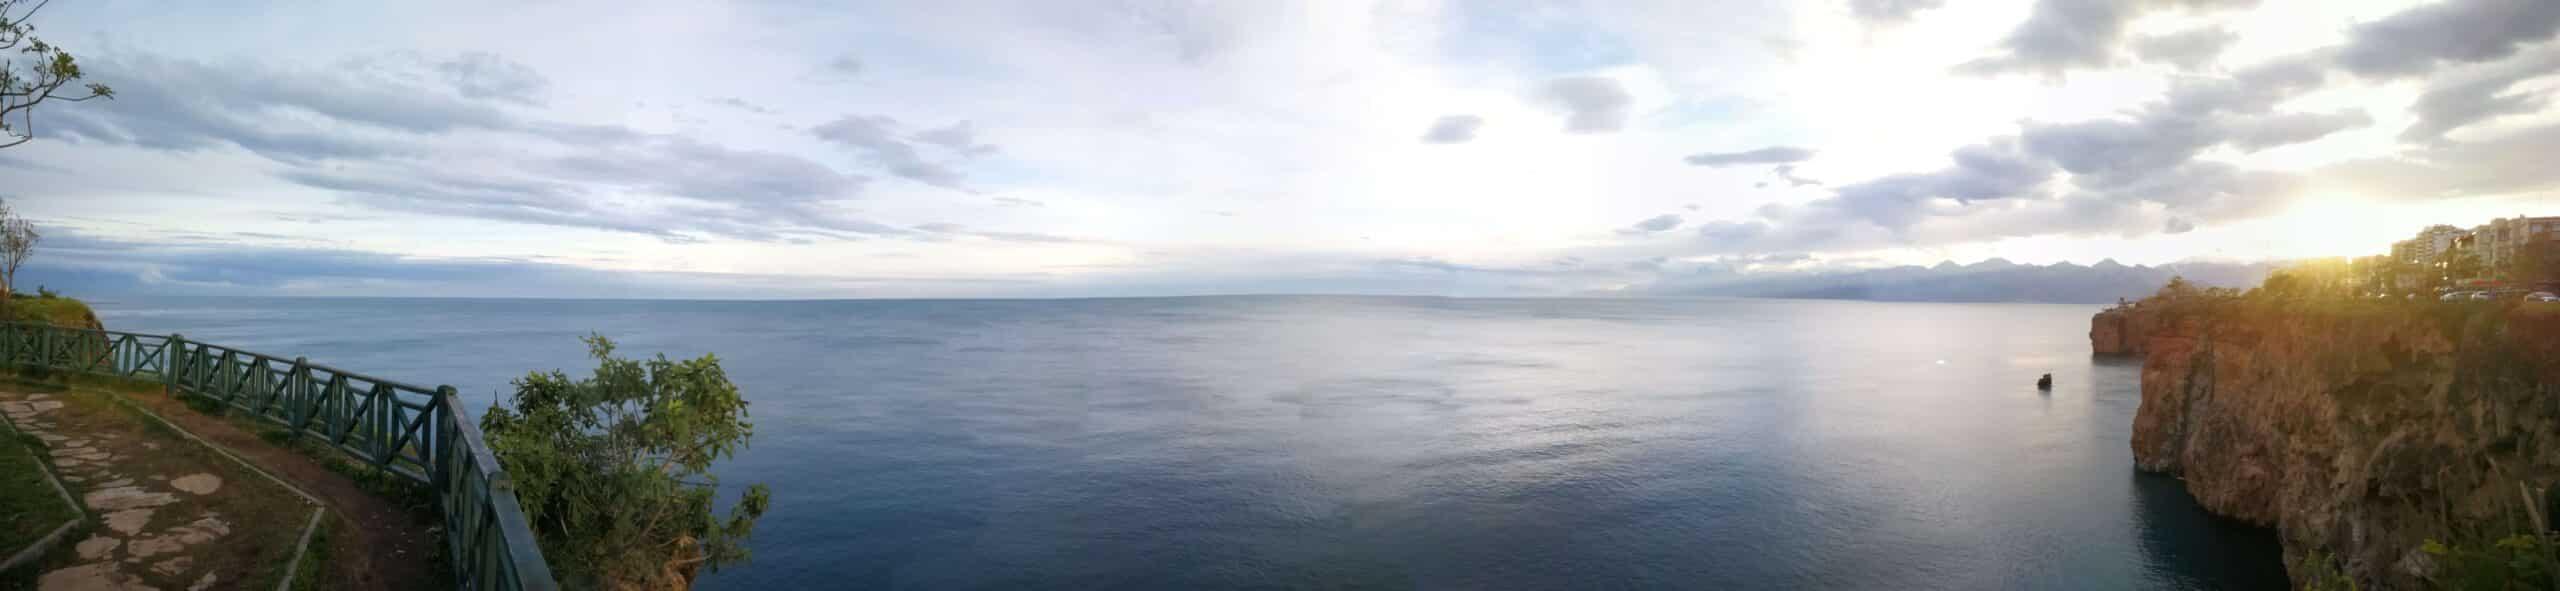 Cliffs of Antalya